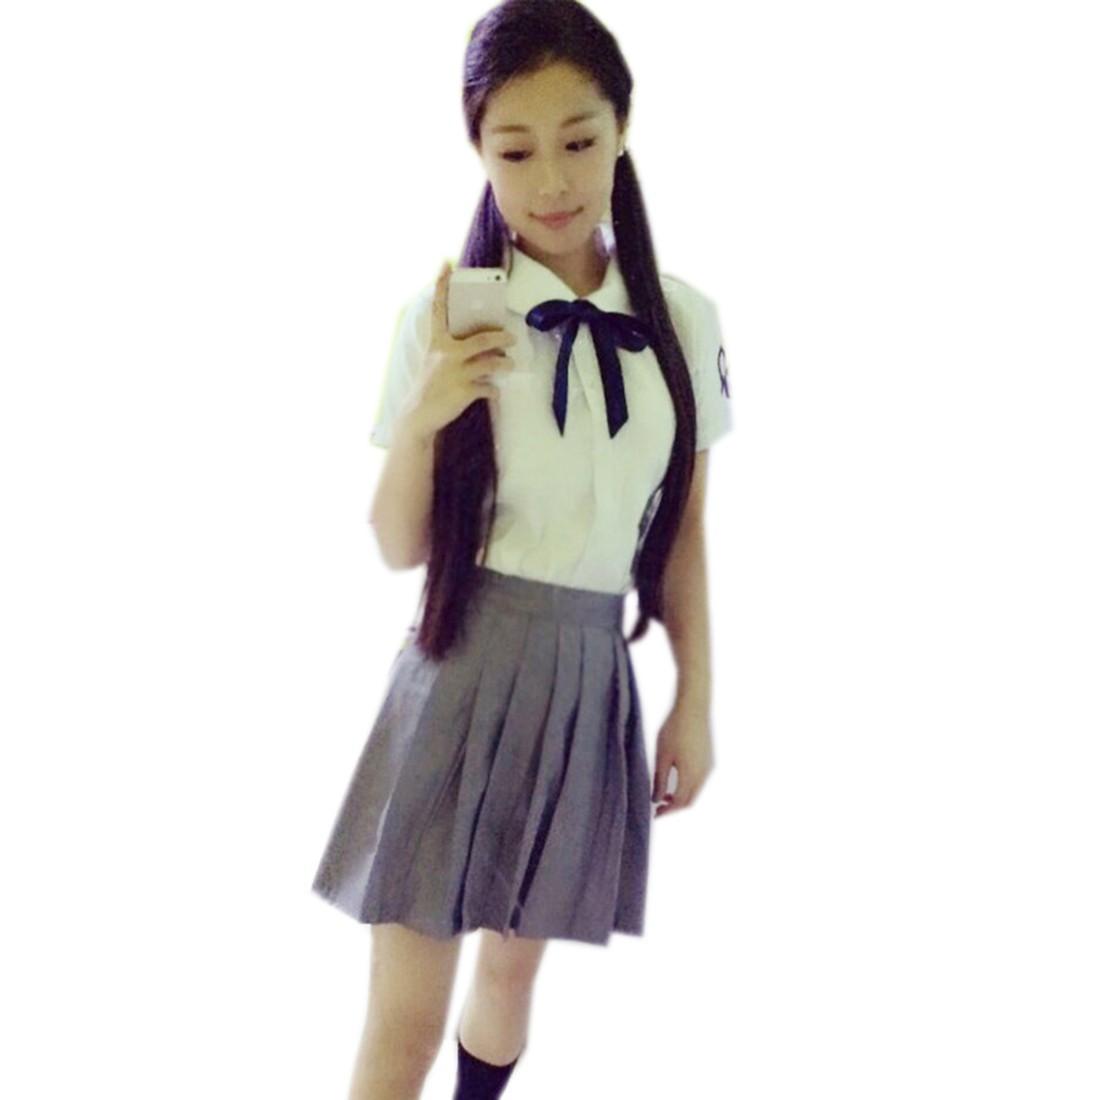 New Japanese Style Student Girls White Short Sleeve Lapel Shirts Uniforms